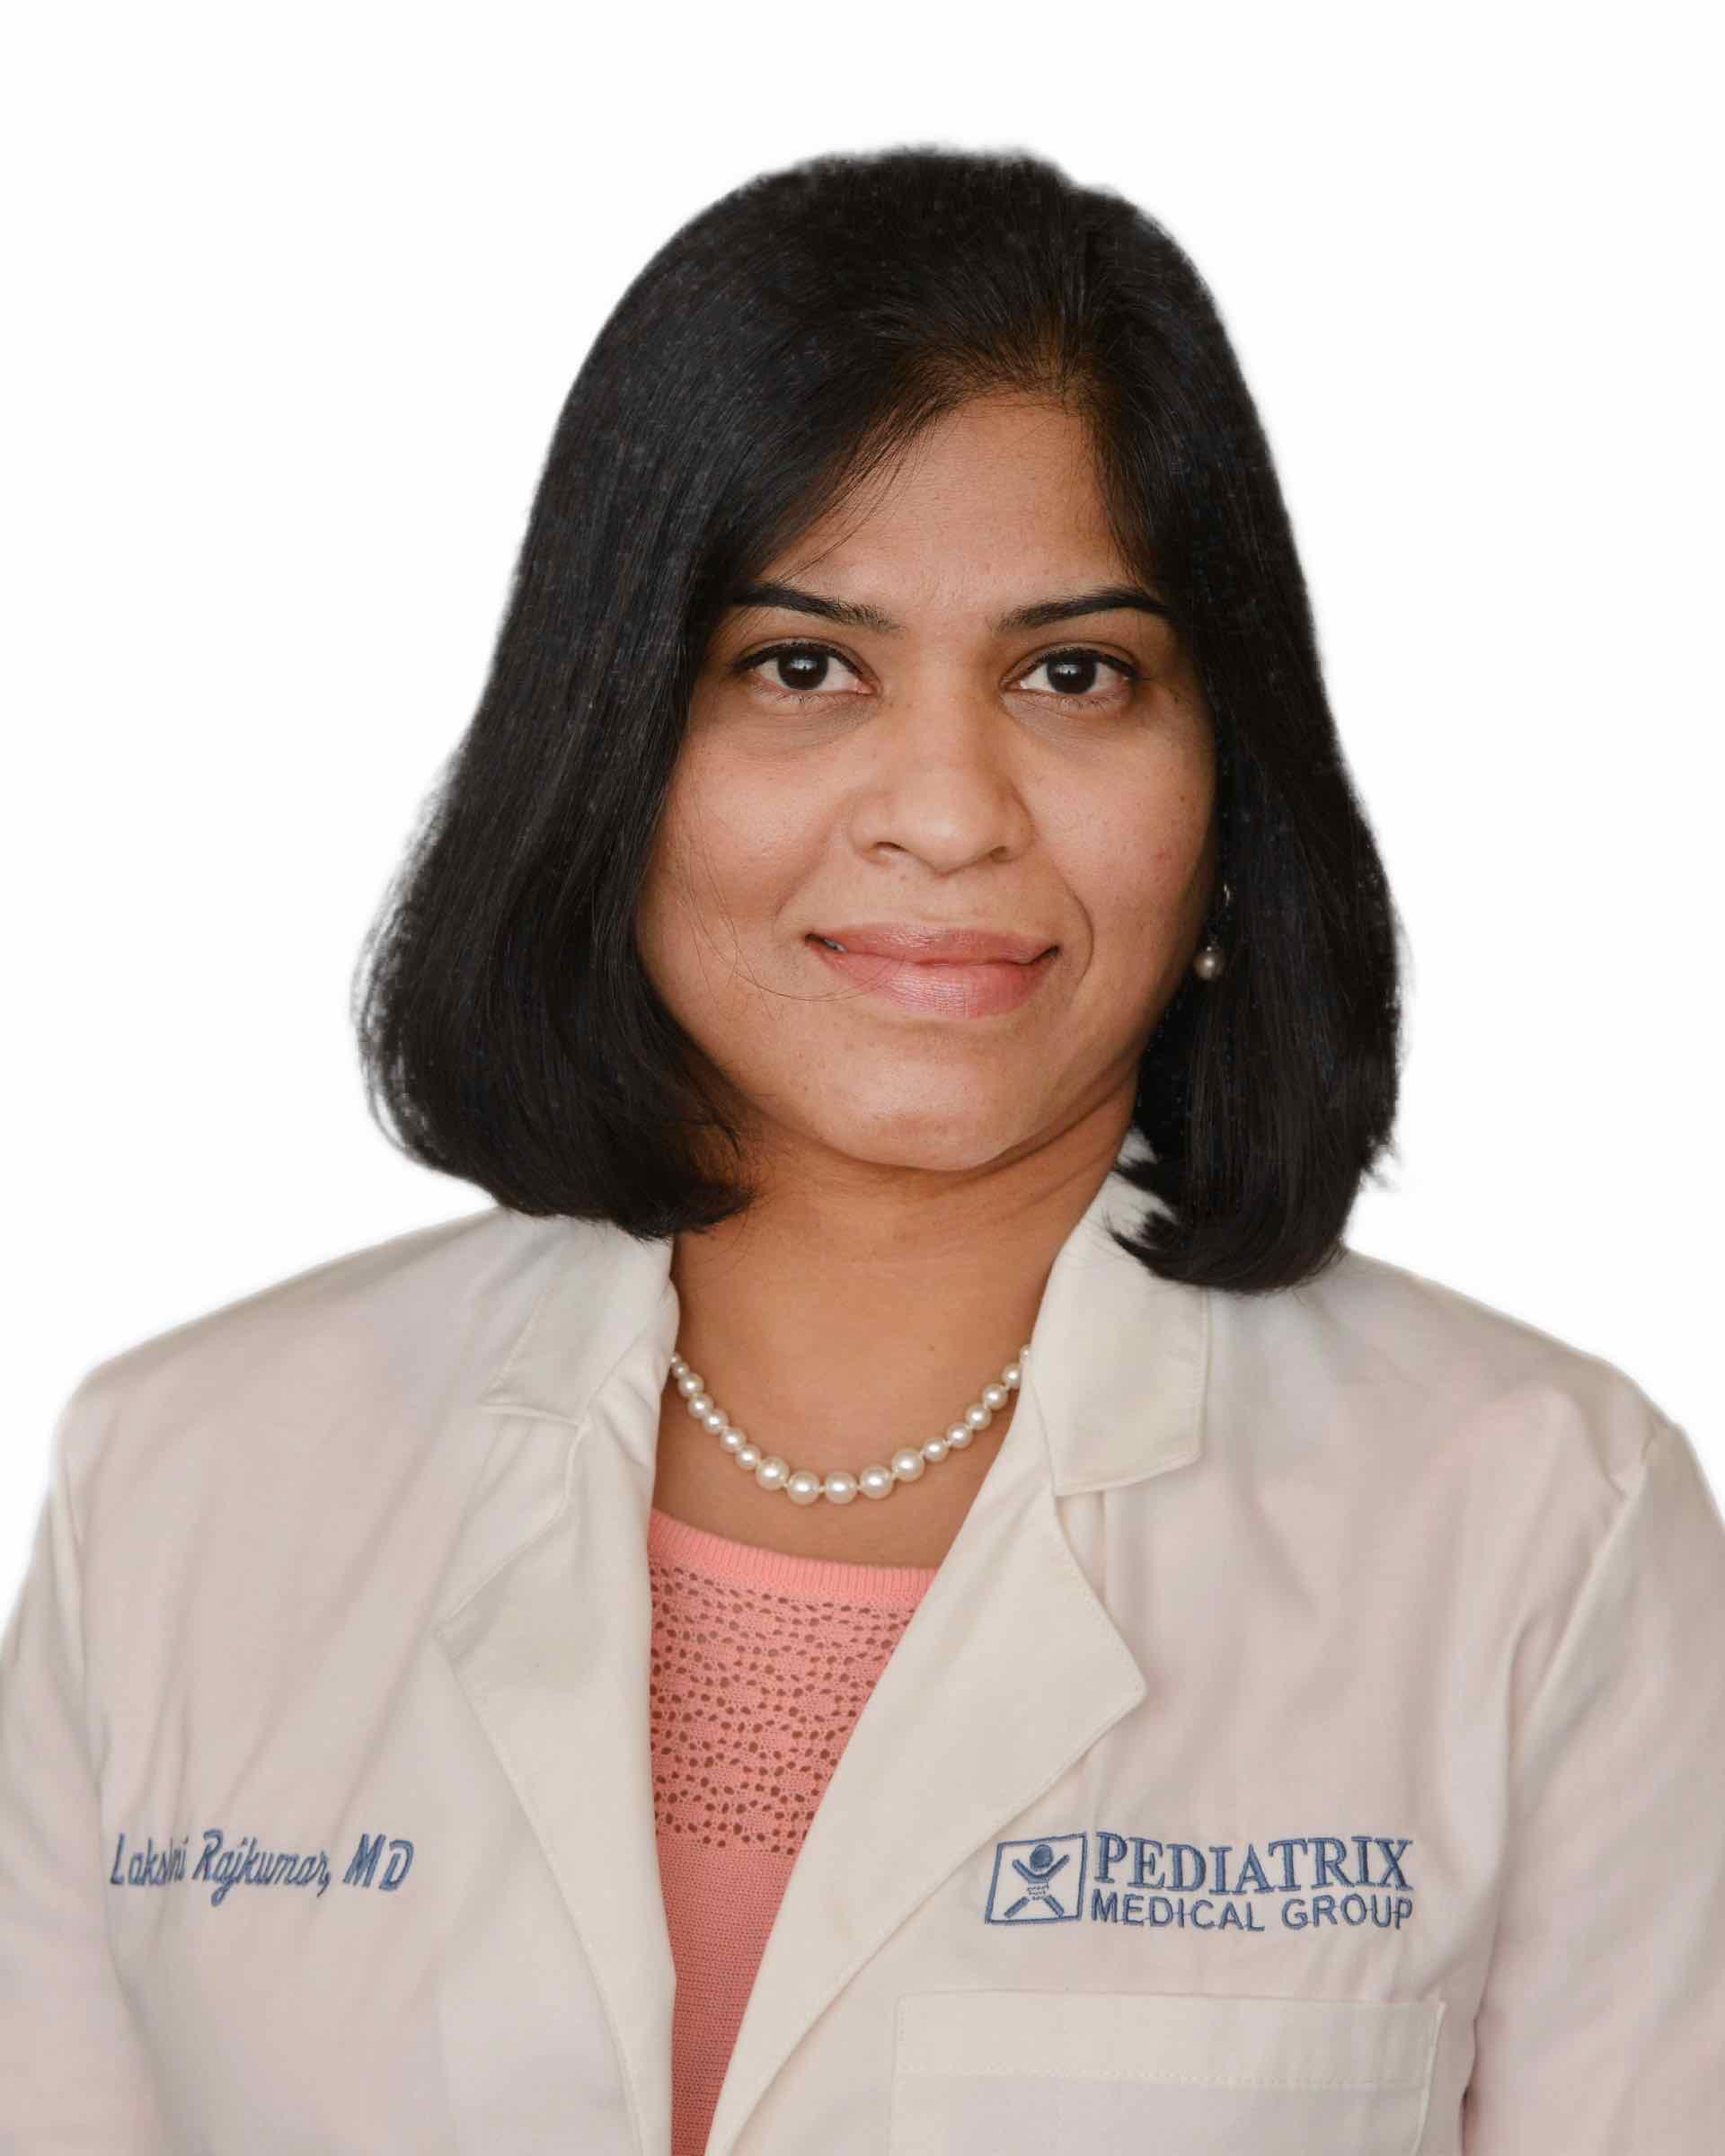 Lakshmi Rajkumar